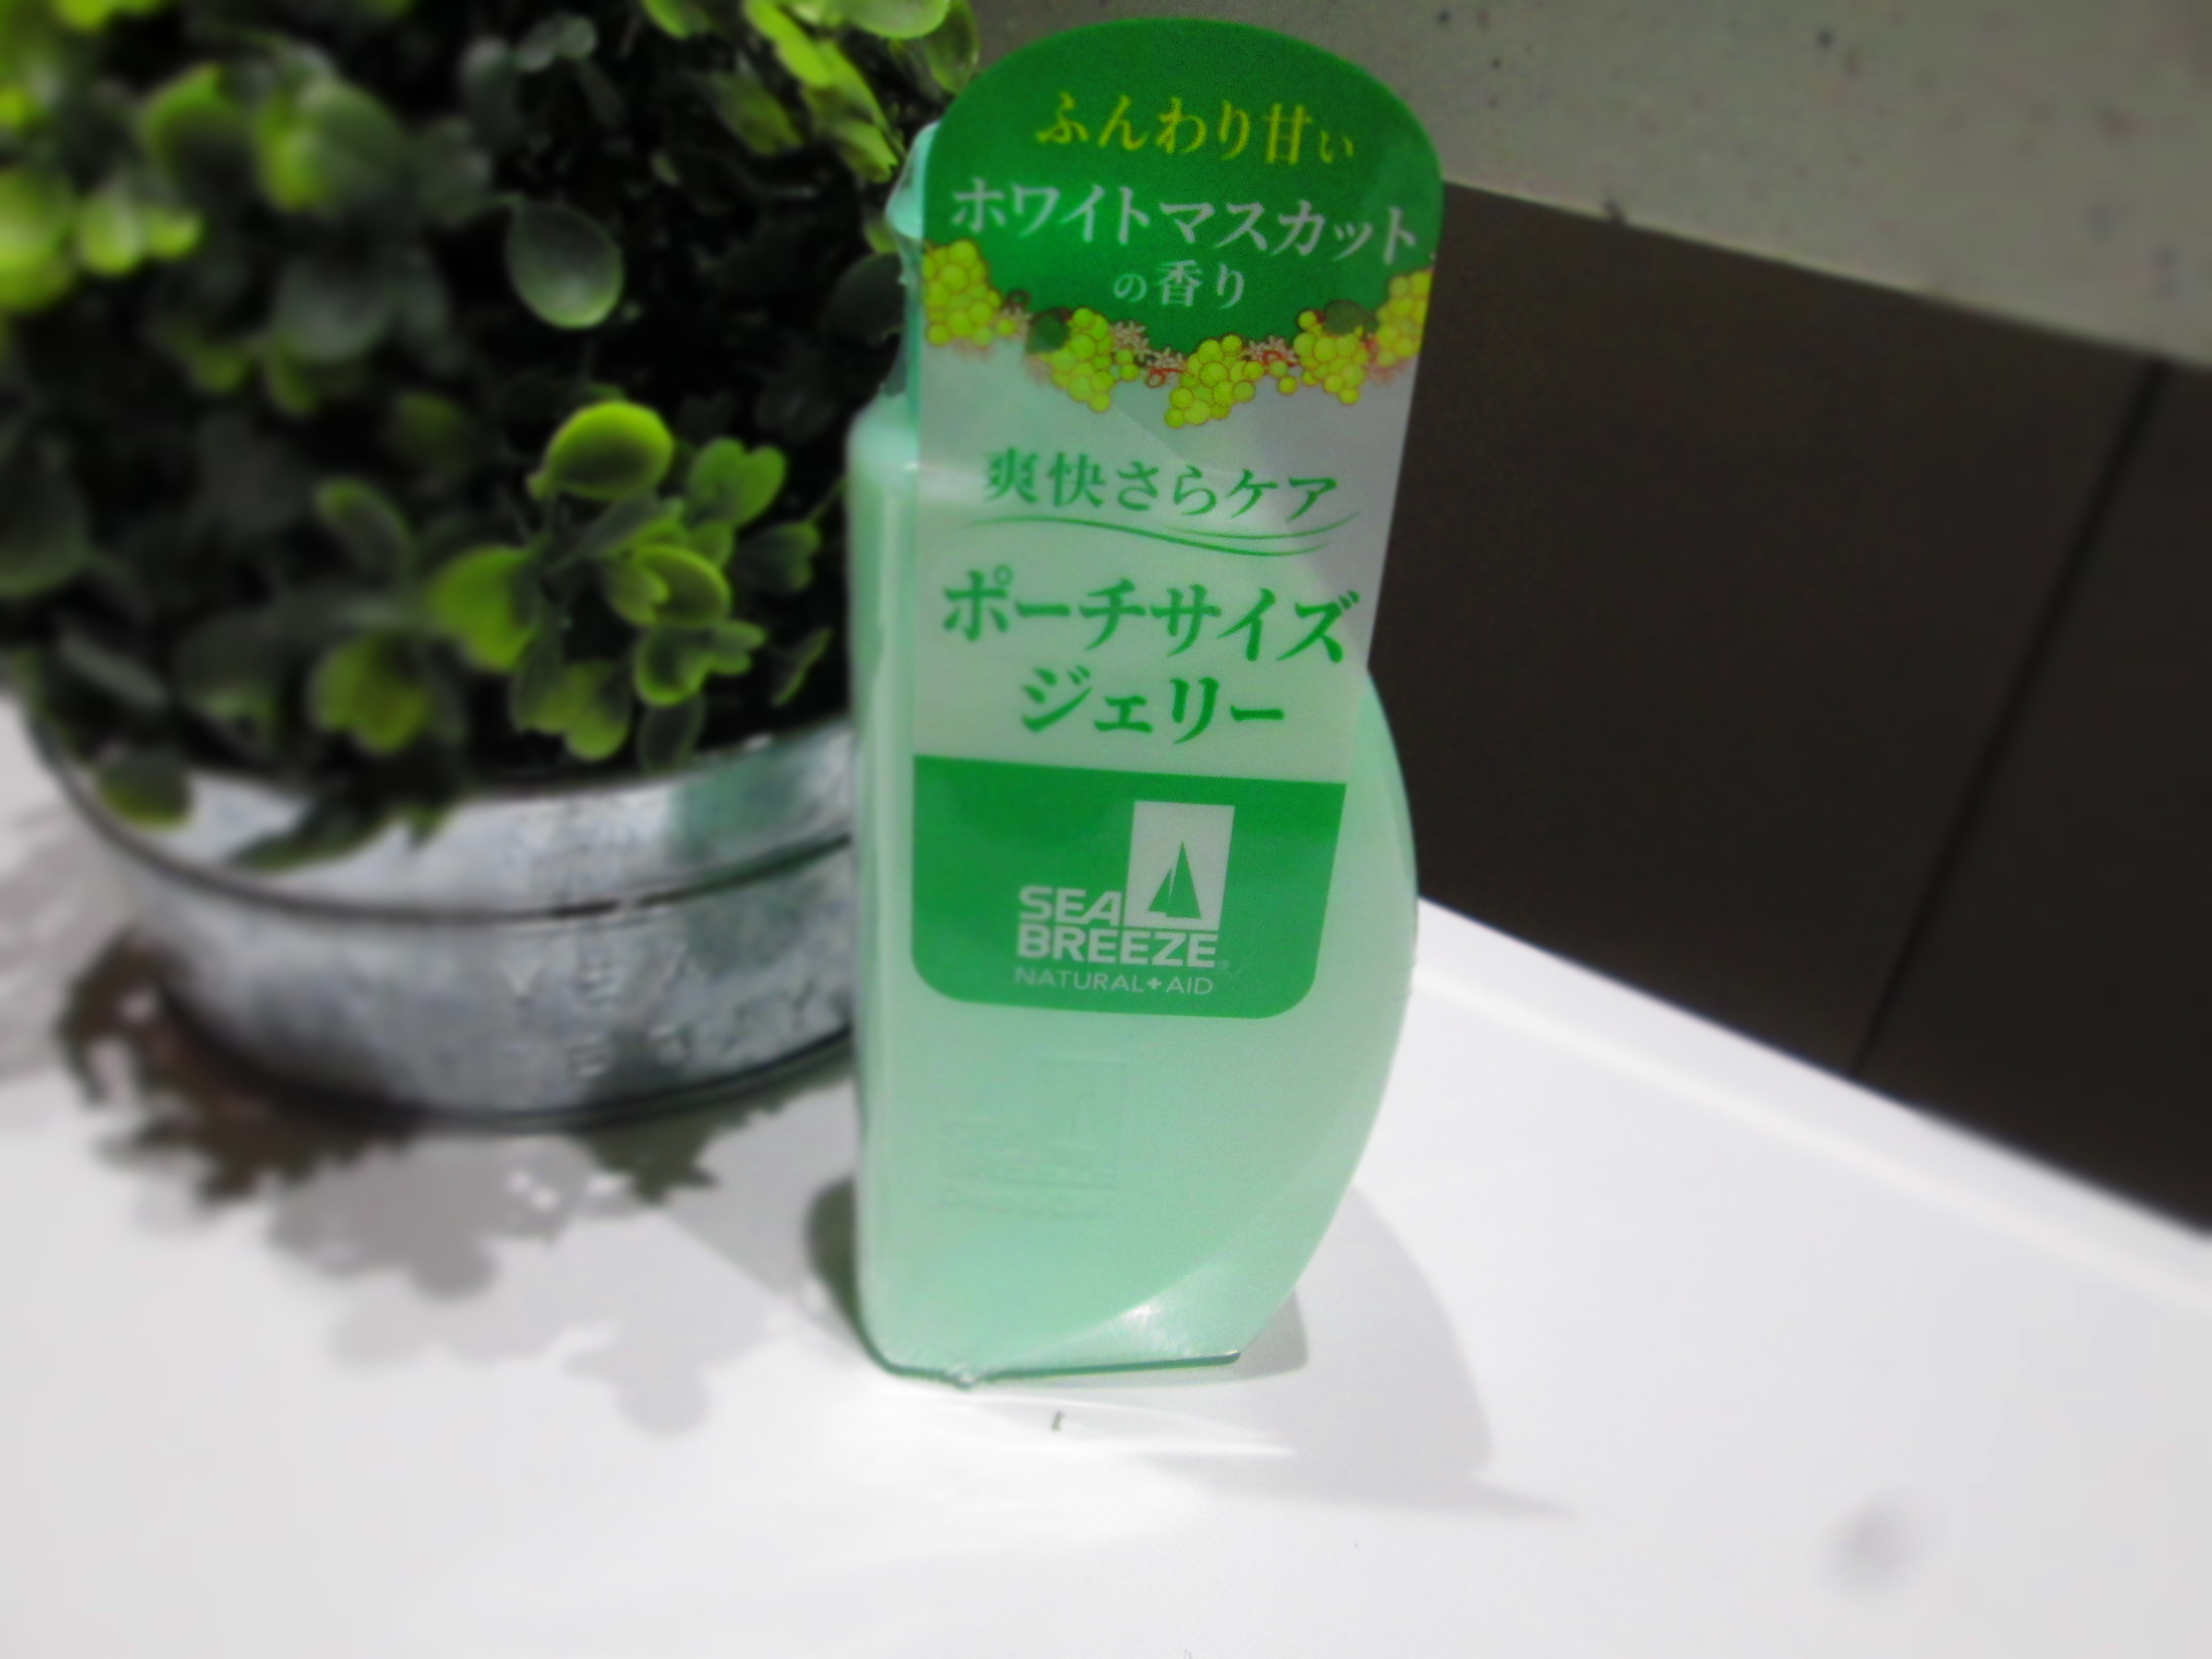 IMG_6756 シーブリ (10)